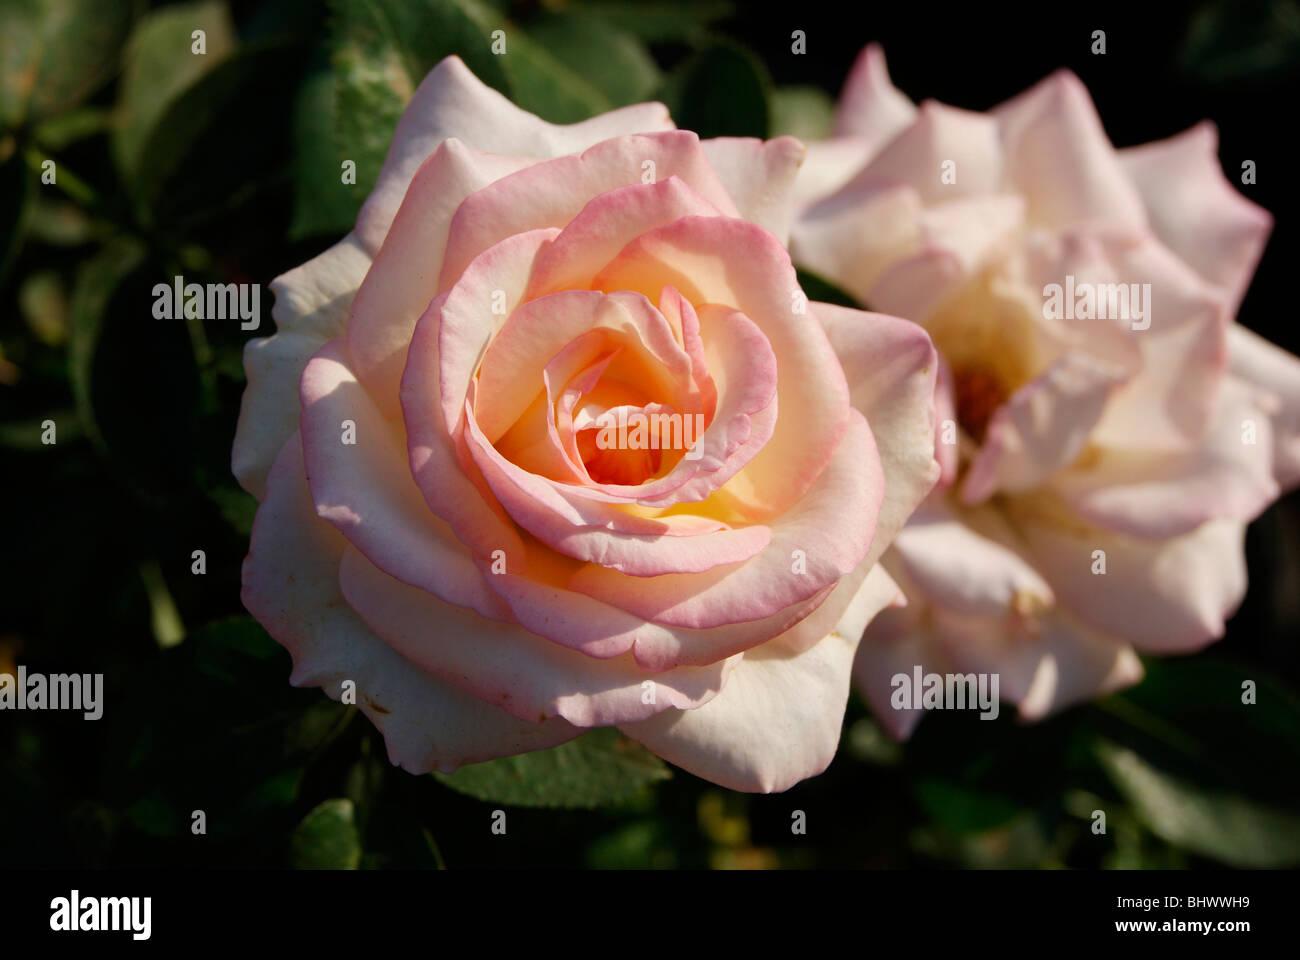 Rose Significa Bellezzarosa Rosa Fiorì Perfettamente E Brilla E Su